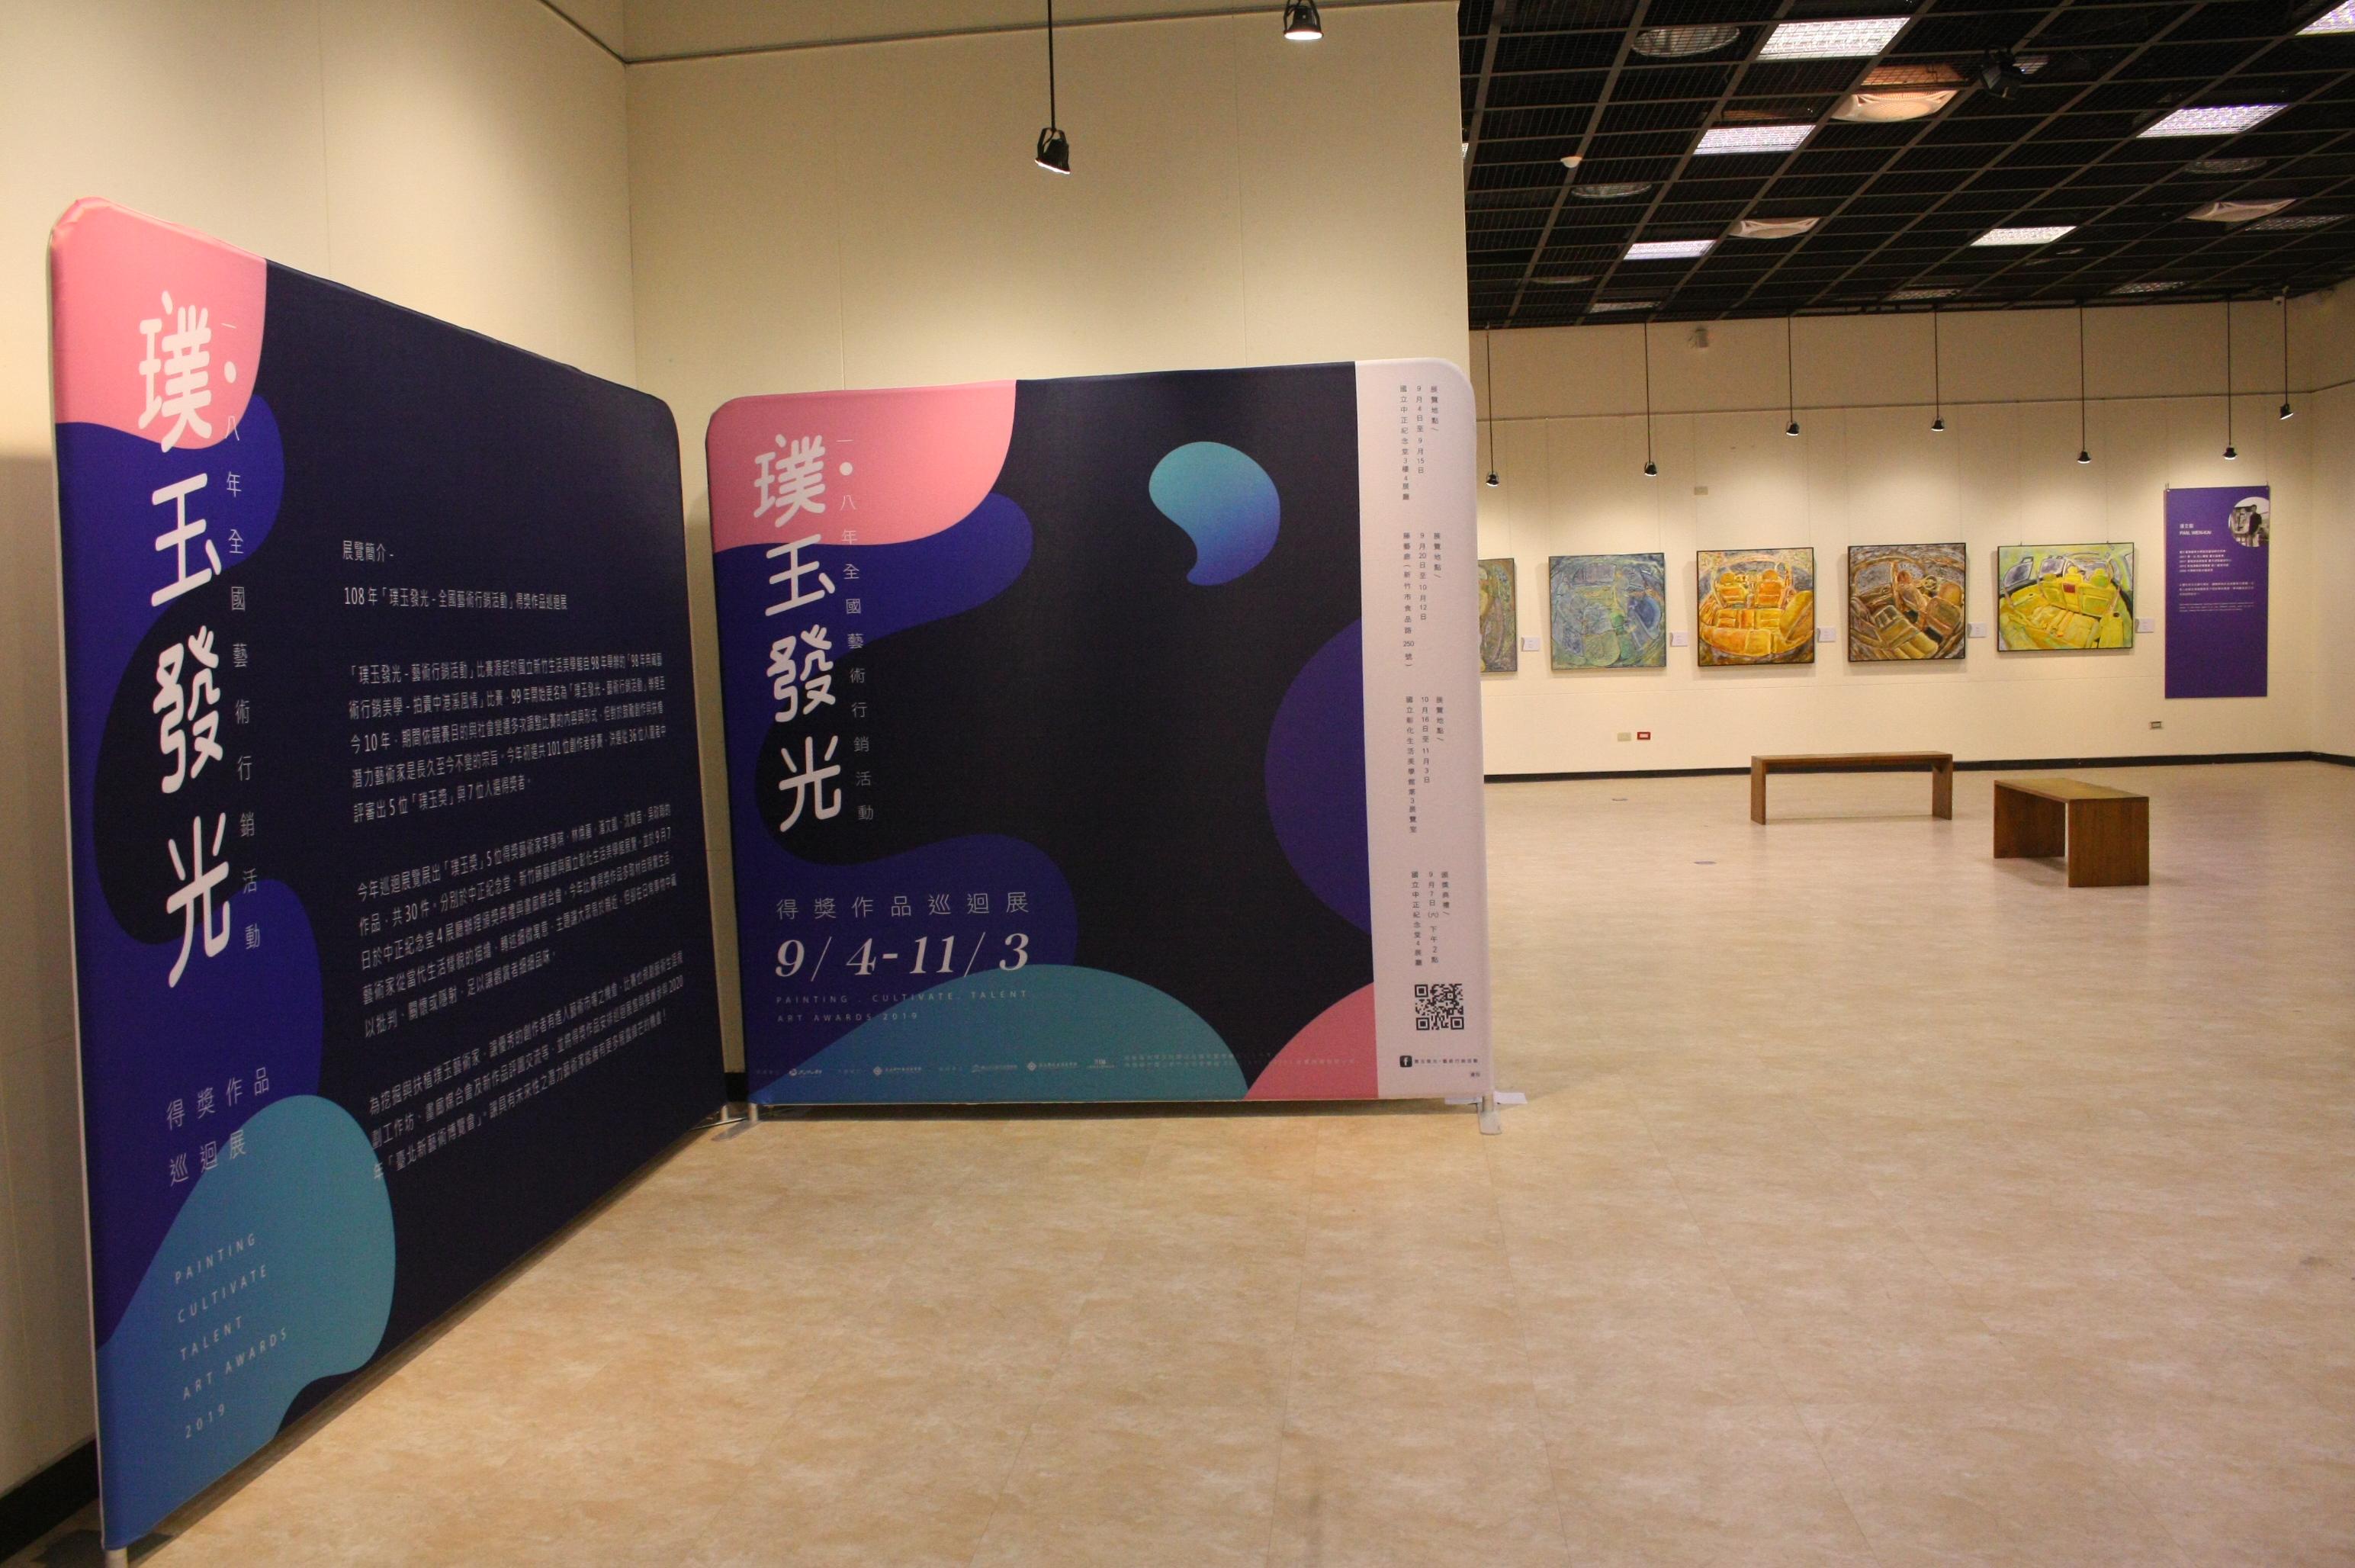 108年「璞玉發光-全國藝術行銷活動」得獎作品巡迴展中正紀念堂展出花絮